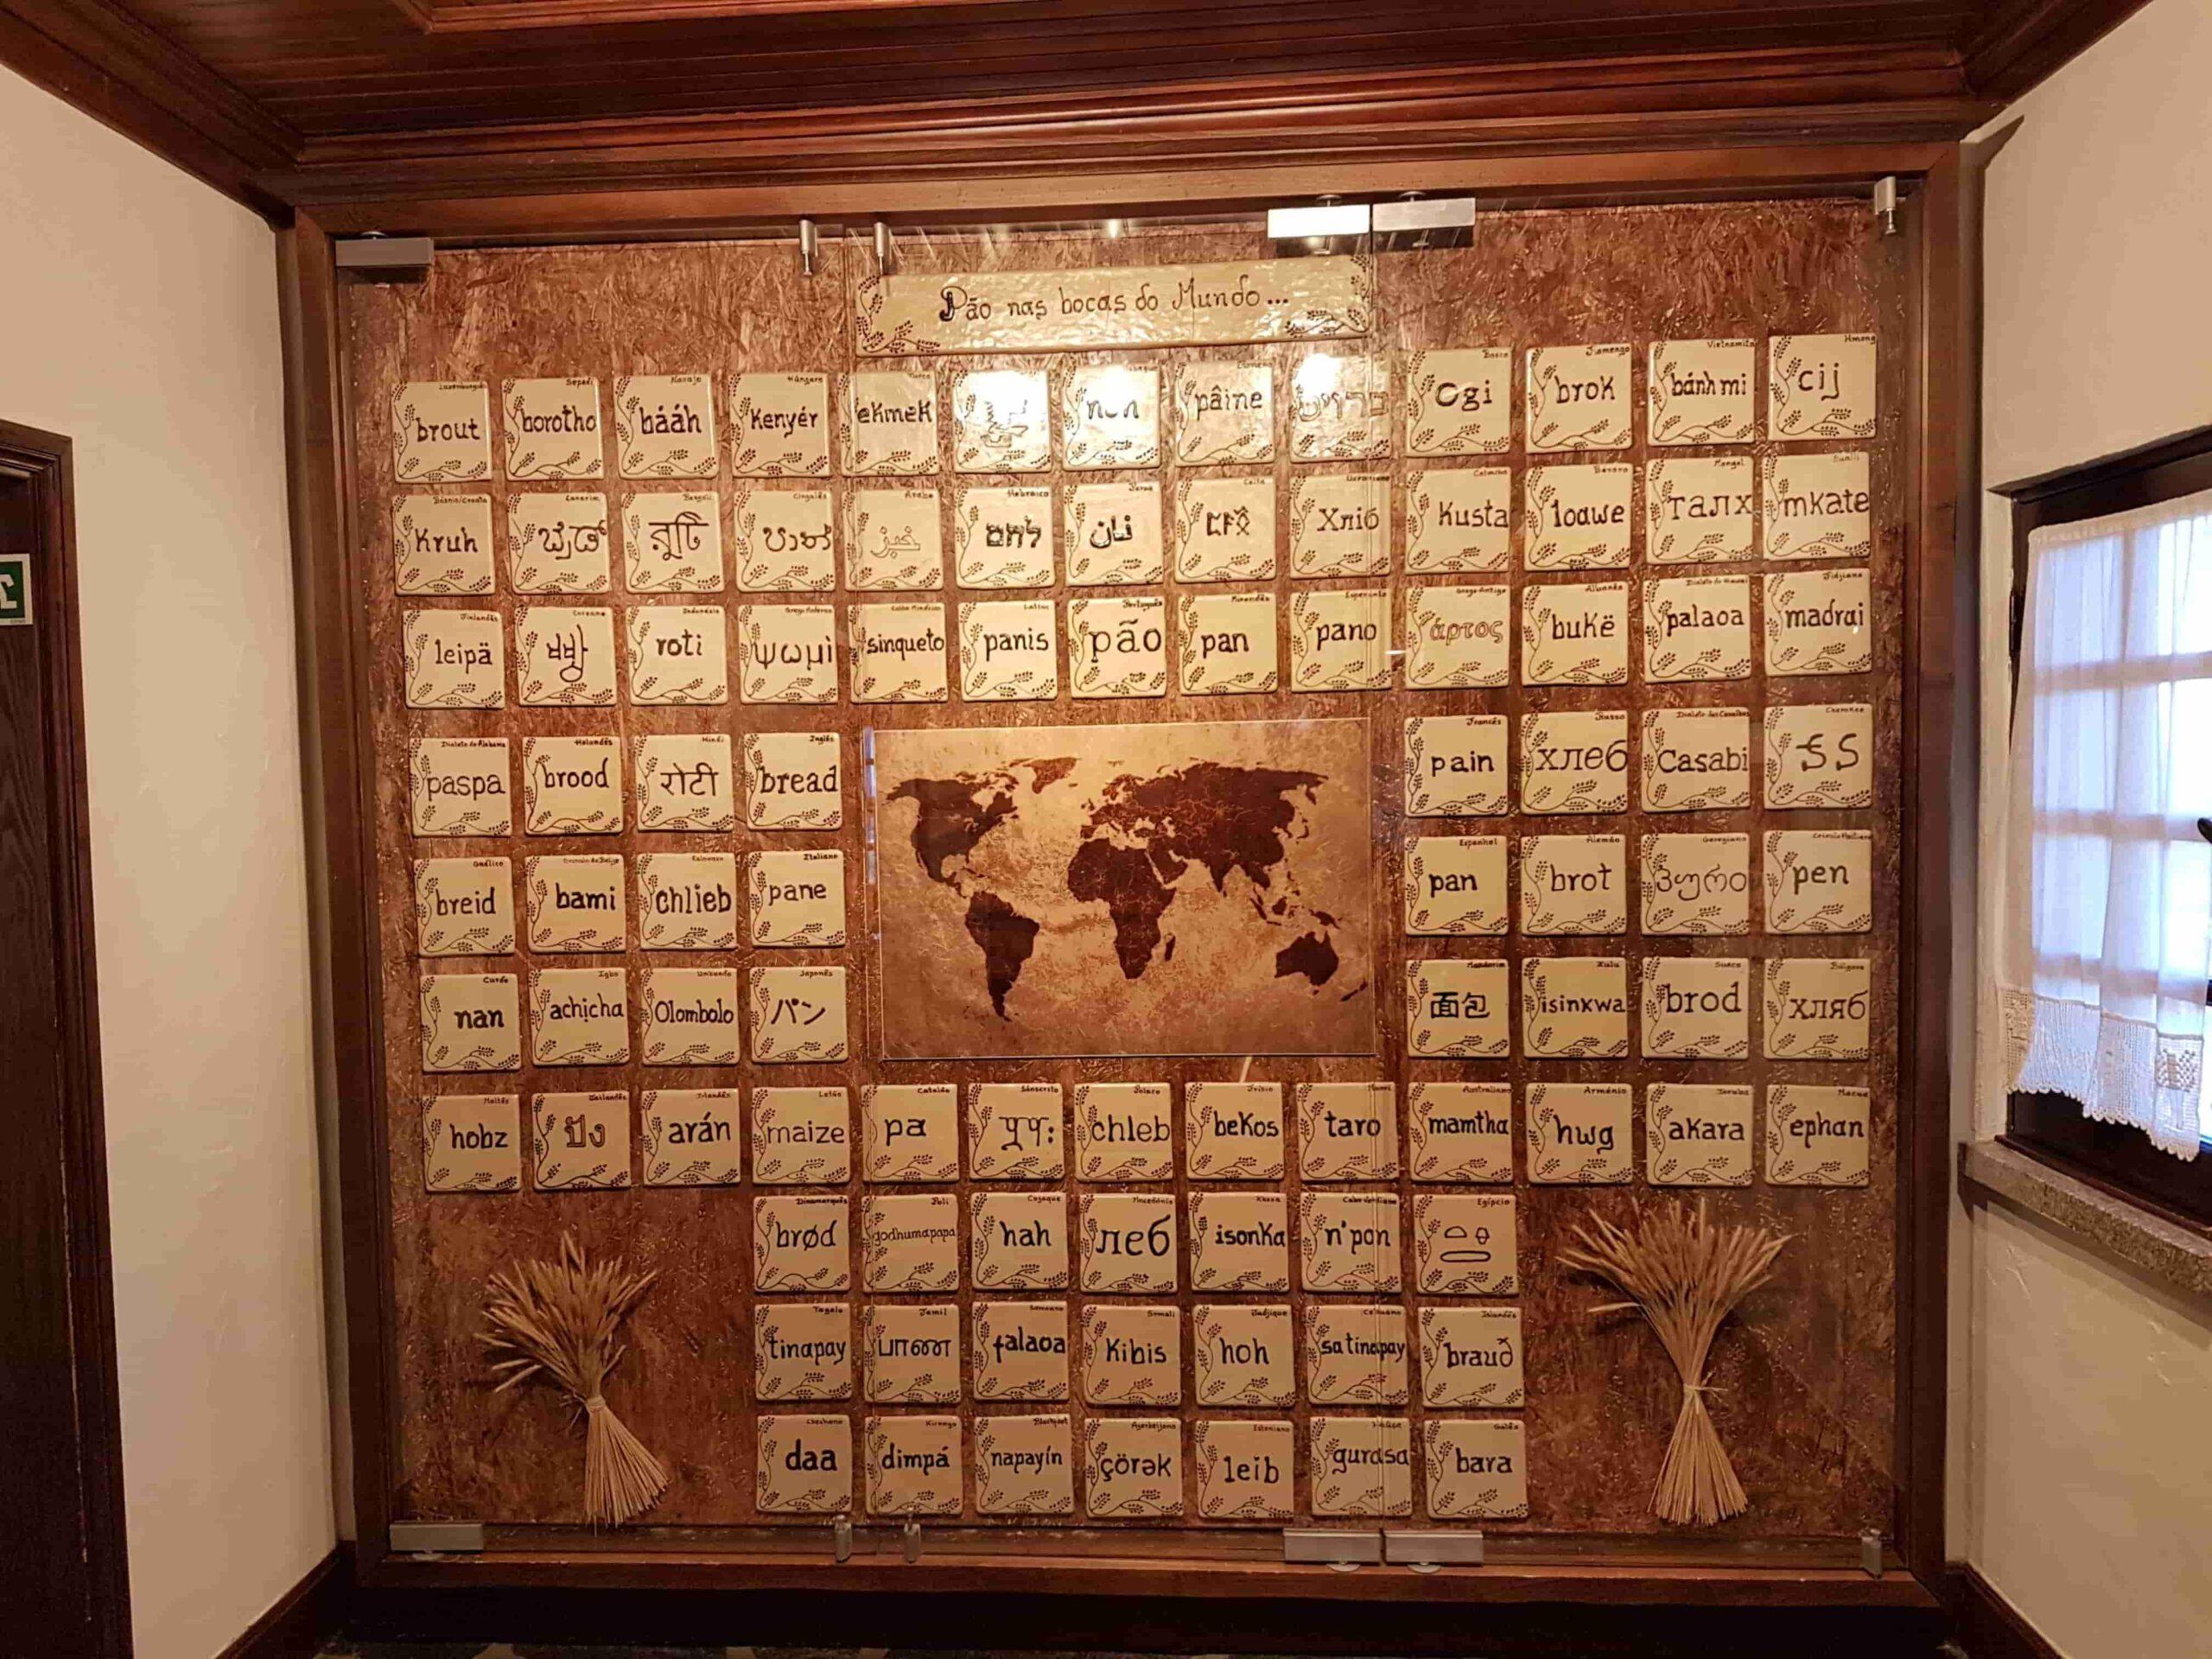 parede com a palavra pão escrita em várias línguas